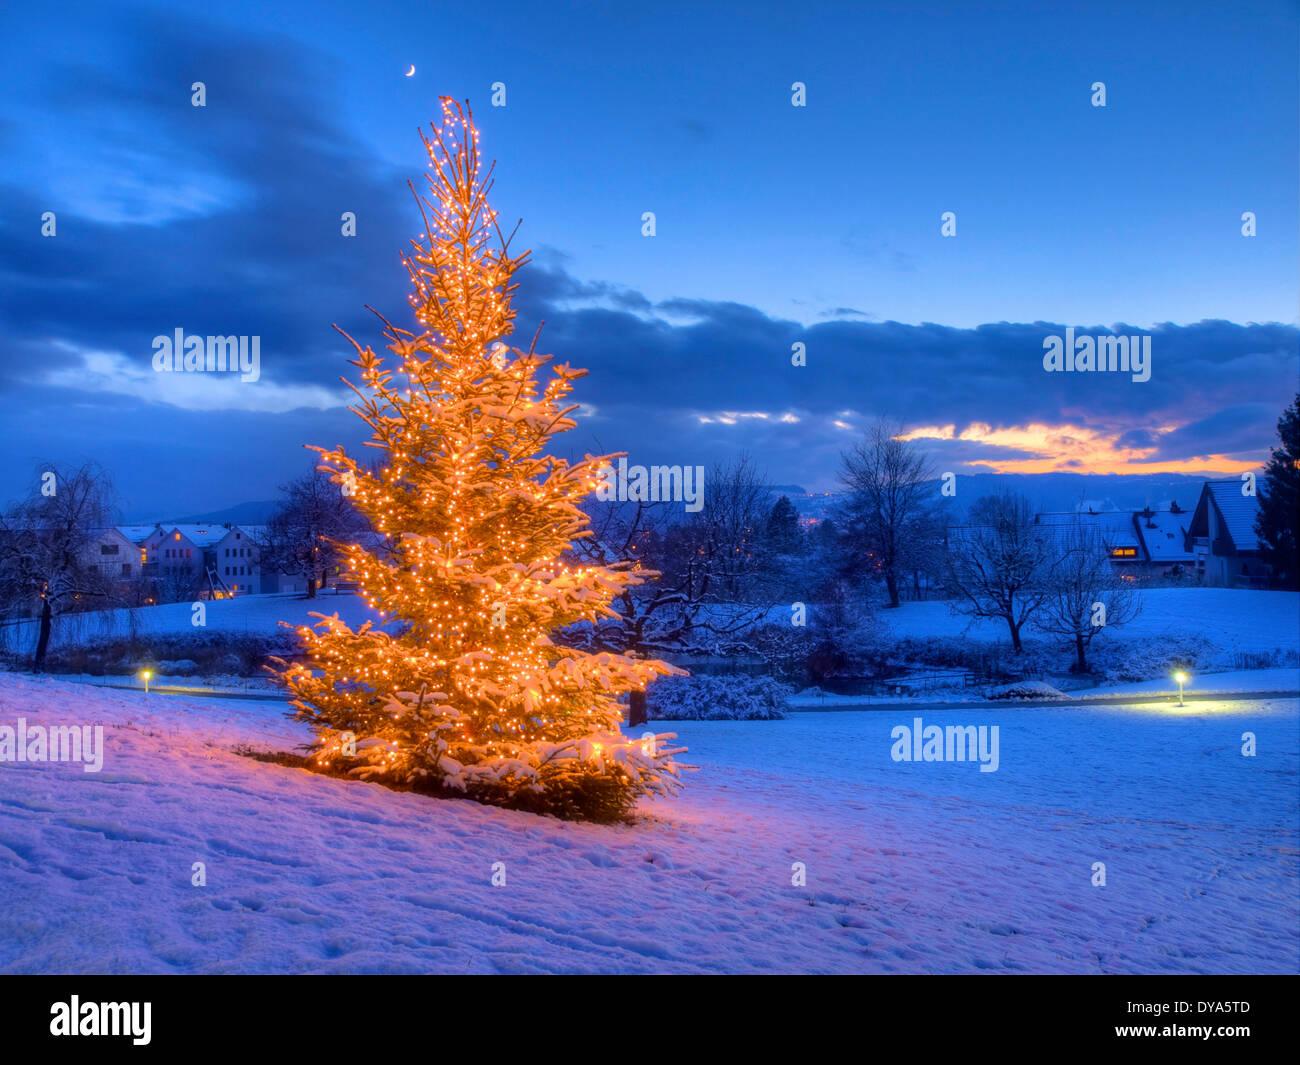 Europa, Schweiz, Kanton Zürich, am Abend, Lichter, Schnee, Stimmung ...